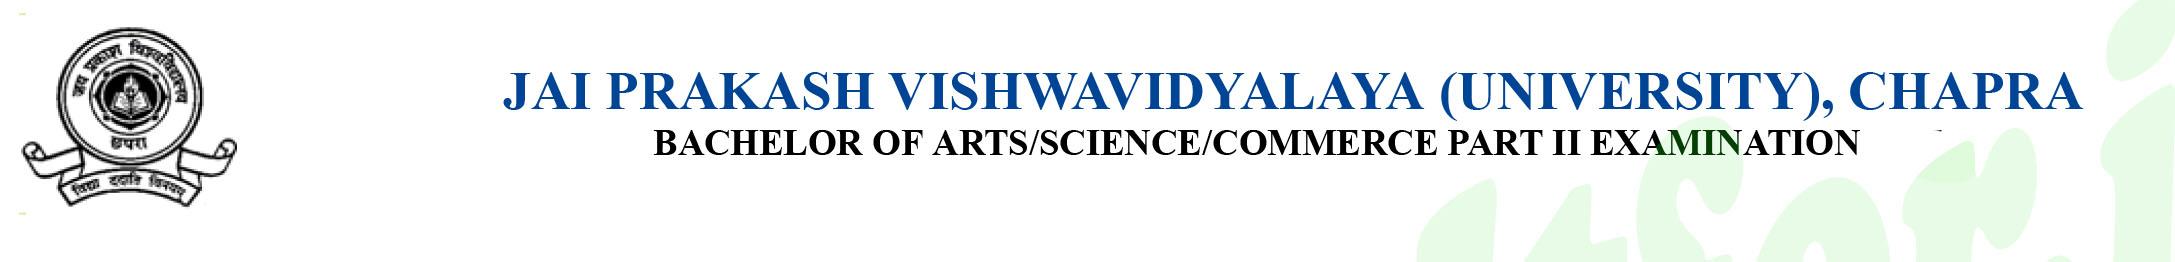 JAI-PRAKASH-VISHWAVIDYALAYA-TDC-Part-II-Exam-Form-2018